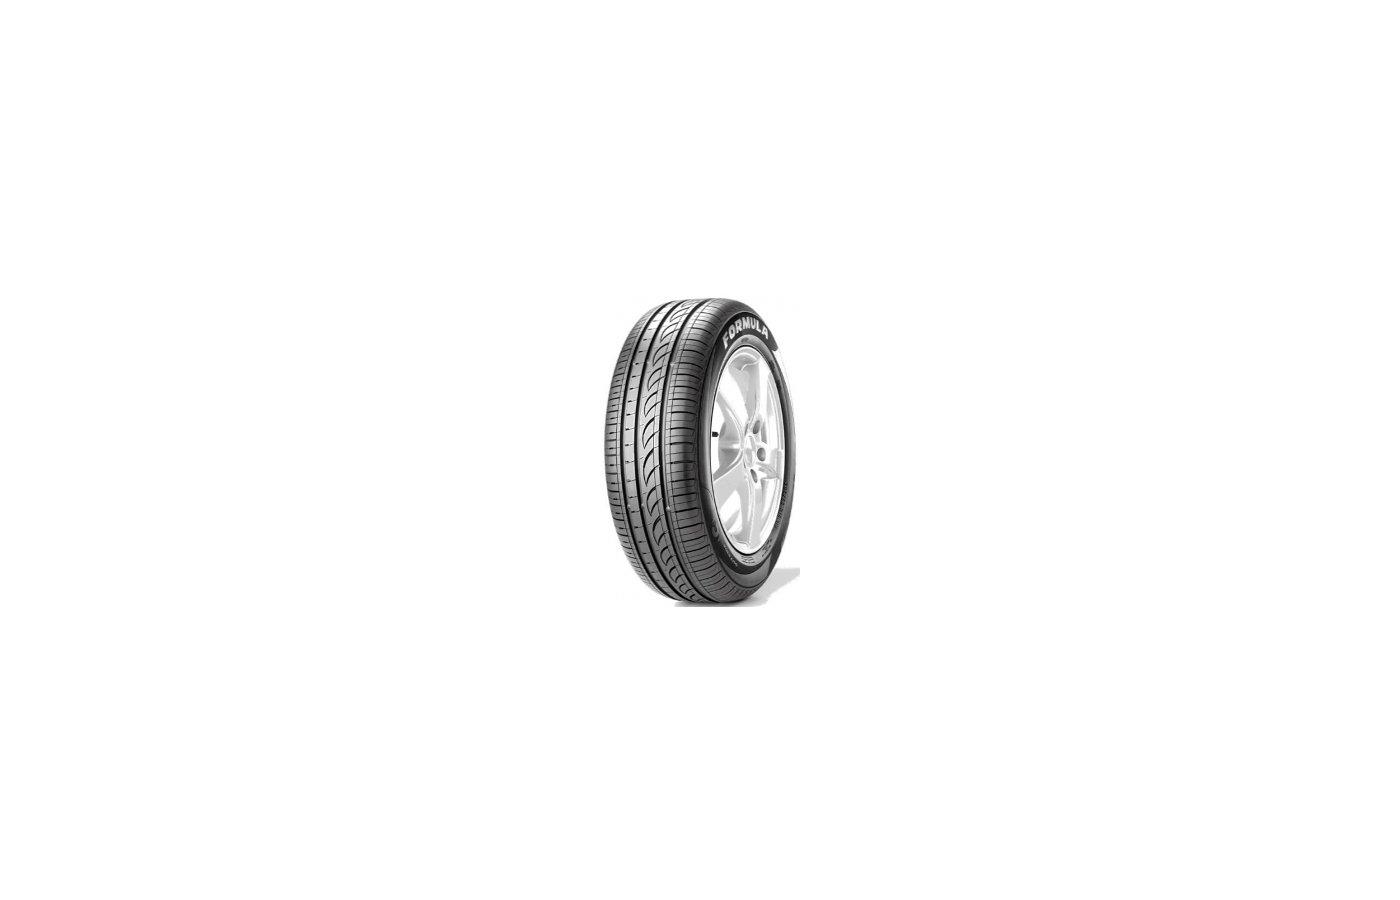 Шина Pirelli Formula Energy 215/45 R17 TL 91Y XL